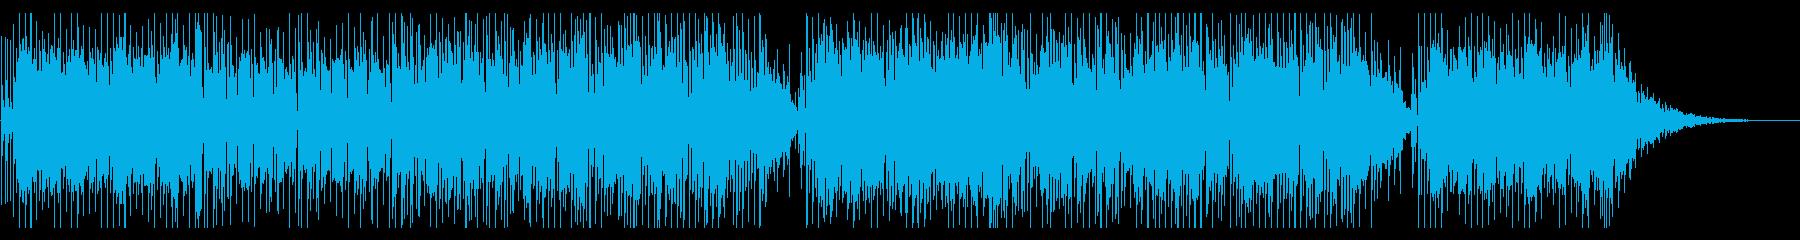 2時間ドラマのエンディング風シティポップの再生済みの波形